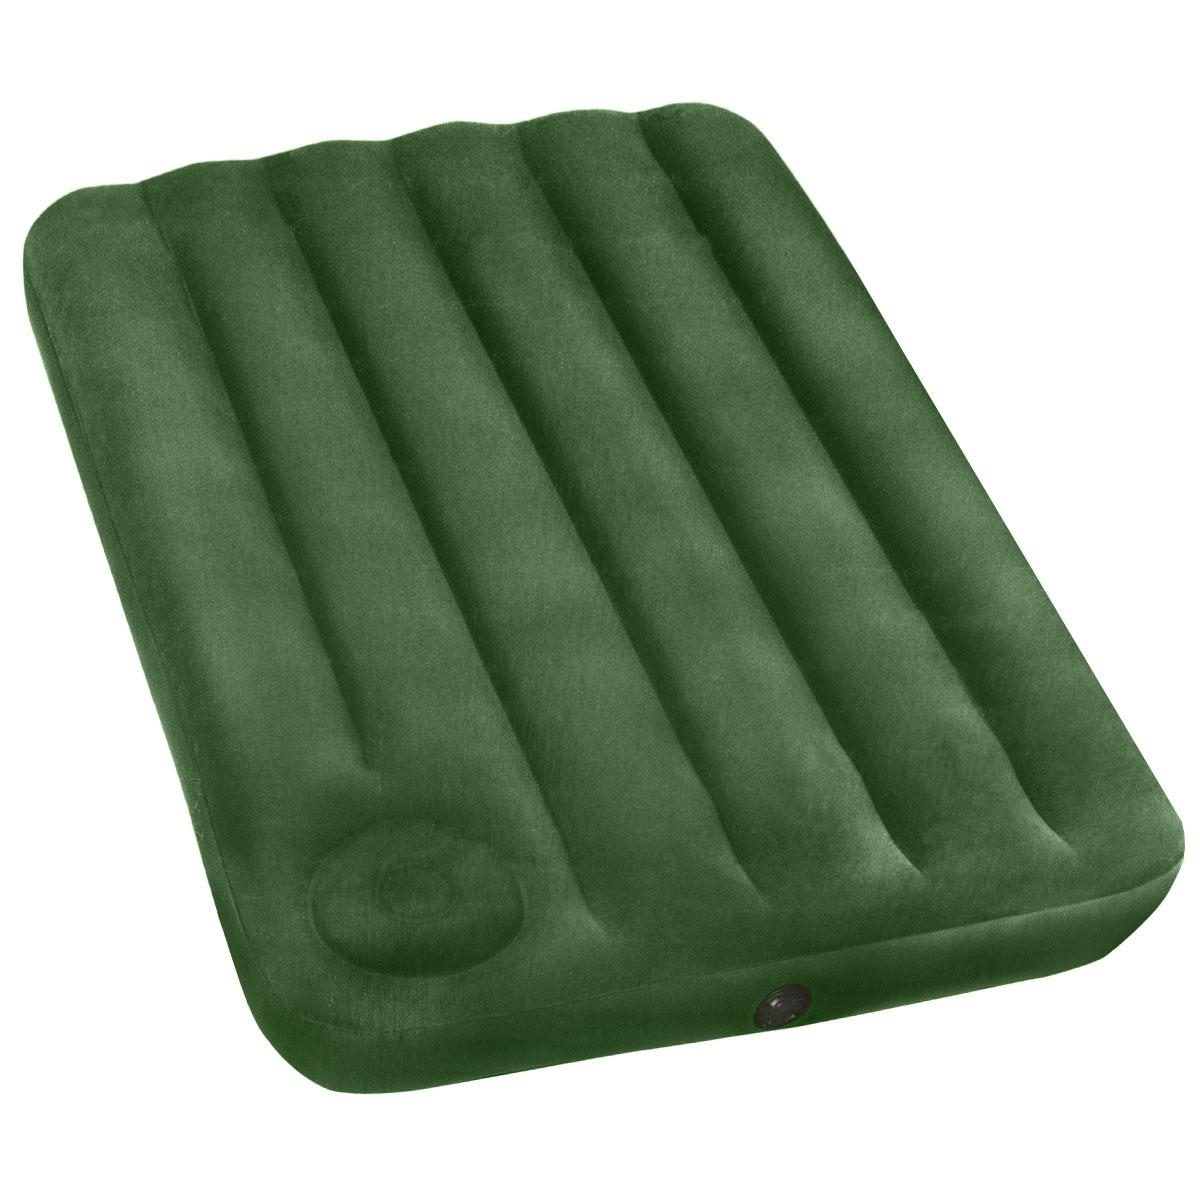 Матрас надувной Intex, флокированный, цвет: зеленый, 191 х 99 х 22 см. 6692766927Надувной матрас Intex удобен и прост в использовании, он позволит вам провести весело время на пляже или без труда организовать дополнительное спальное место. Изготовлен из высококачественного водонепроницаемого винила. Верхняя часть кровати имеет флокированное покрытие, по своим характеристикам напоминающее велюр, мягкое и приятное на ощупь. Для надувания матраса имеется встроенный ножной насос. Оснащен клапанами 2 в одном, позволяющими быстро спустить или накачать воздух, используя электрический или ручной насос. Гарантия производителя: 30 дней.